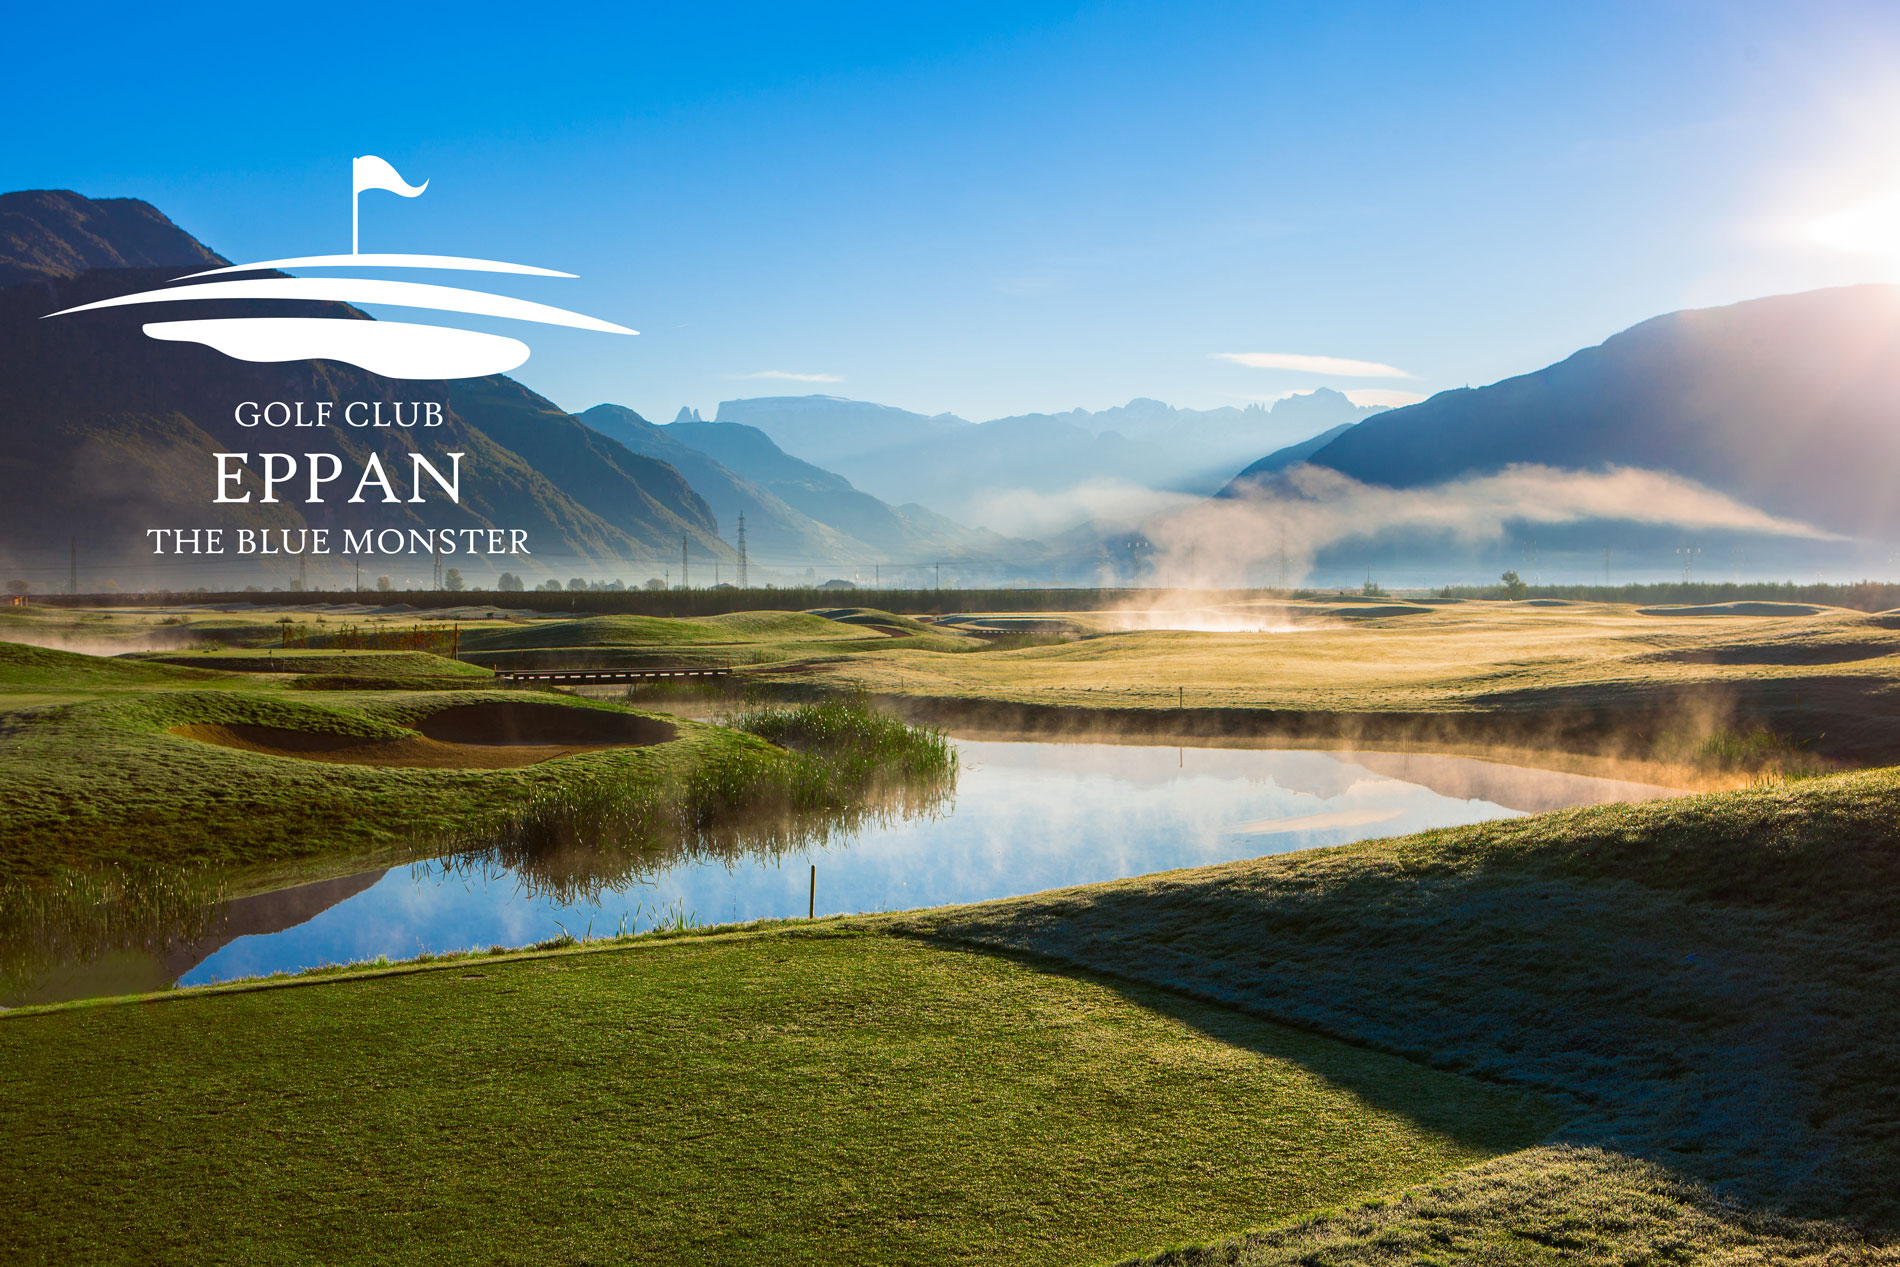 The place to be: Loch 7 im Golf Club Eppan Blue Monster - Machen Sie hier Ihr Selfie und teilen Sie Ihren Spaß mit anderen!